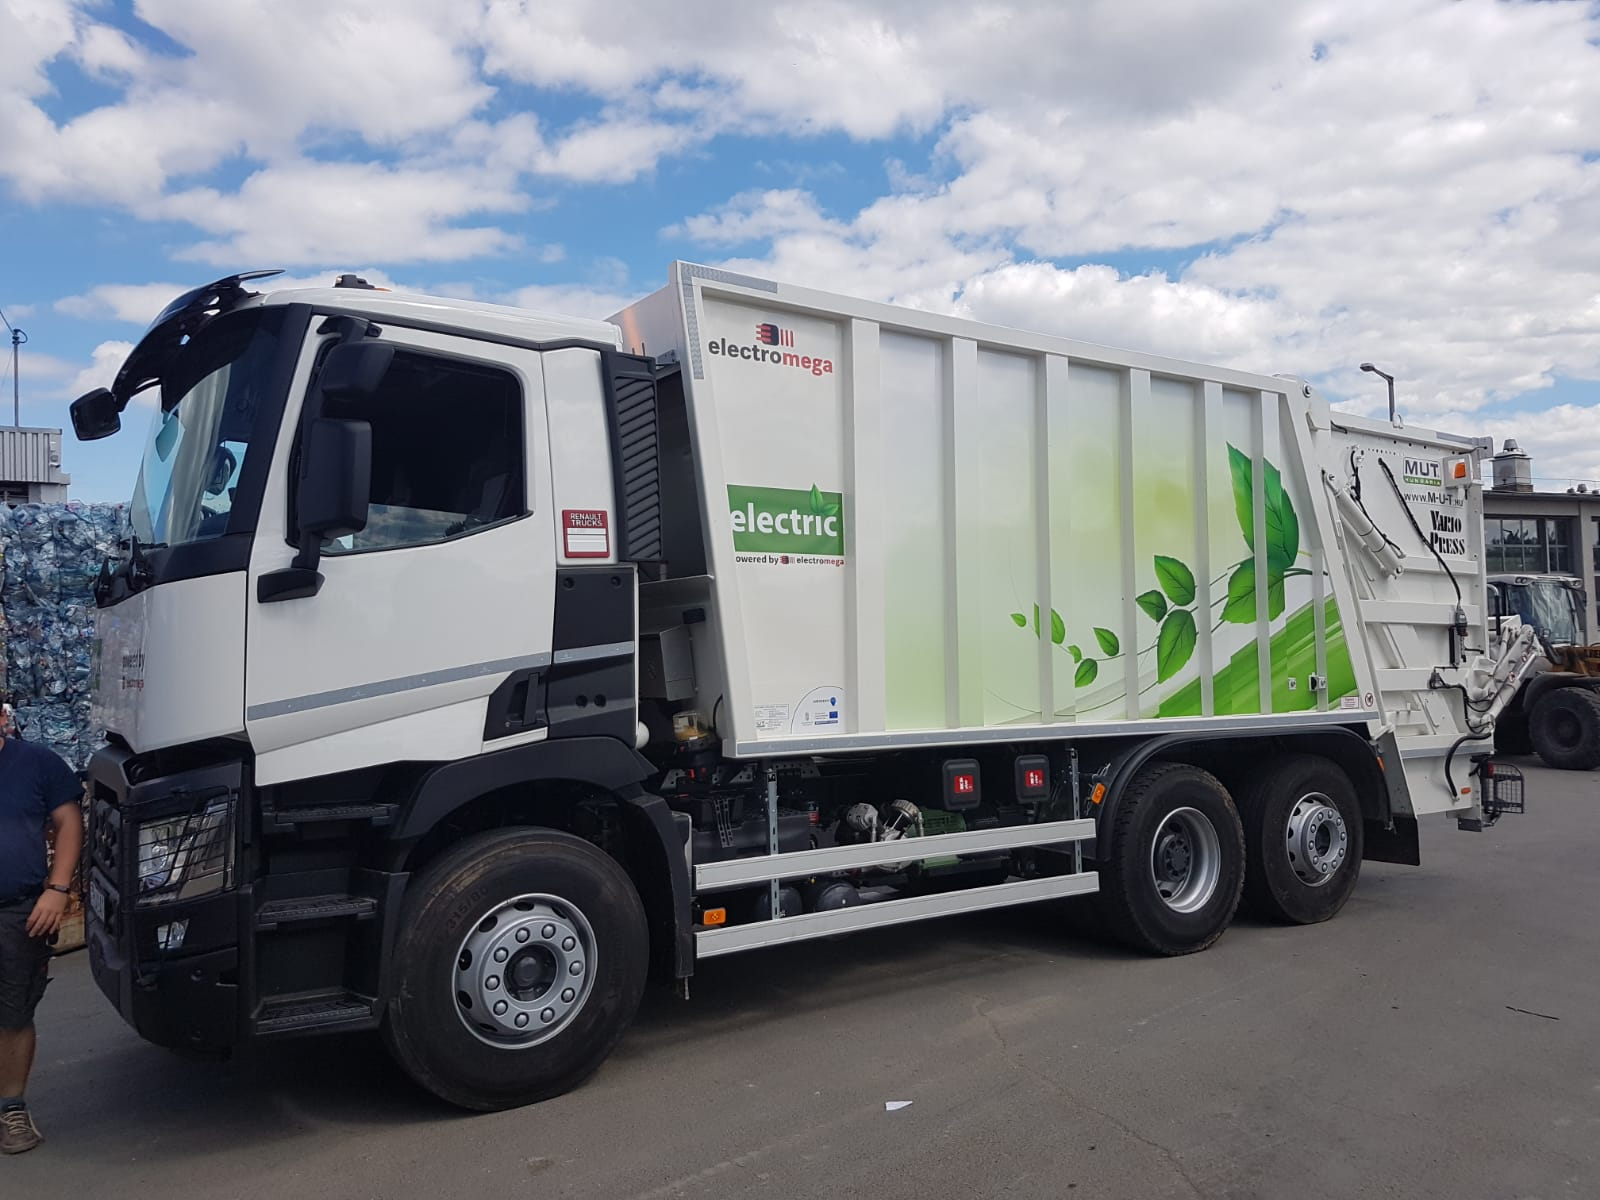 Lovas kocsis hulladékszállítás és Elektromos hulladékgyűjtő – Innovatív megoldások a hulladékgyűjtésben és -szállításban